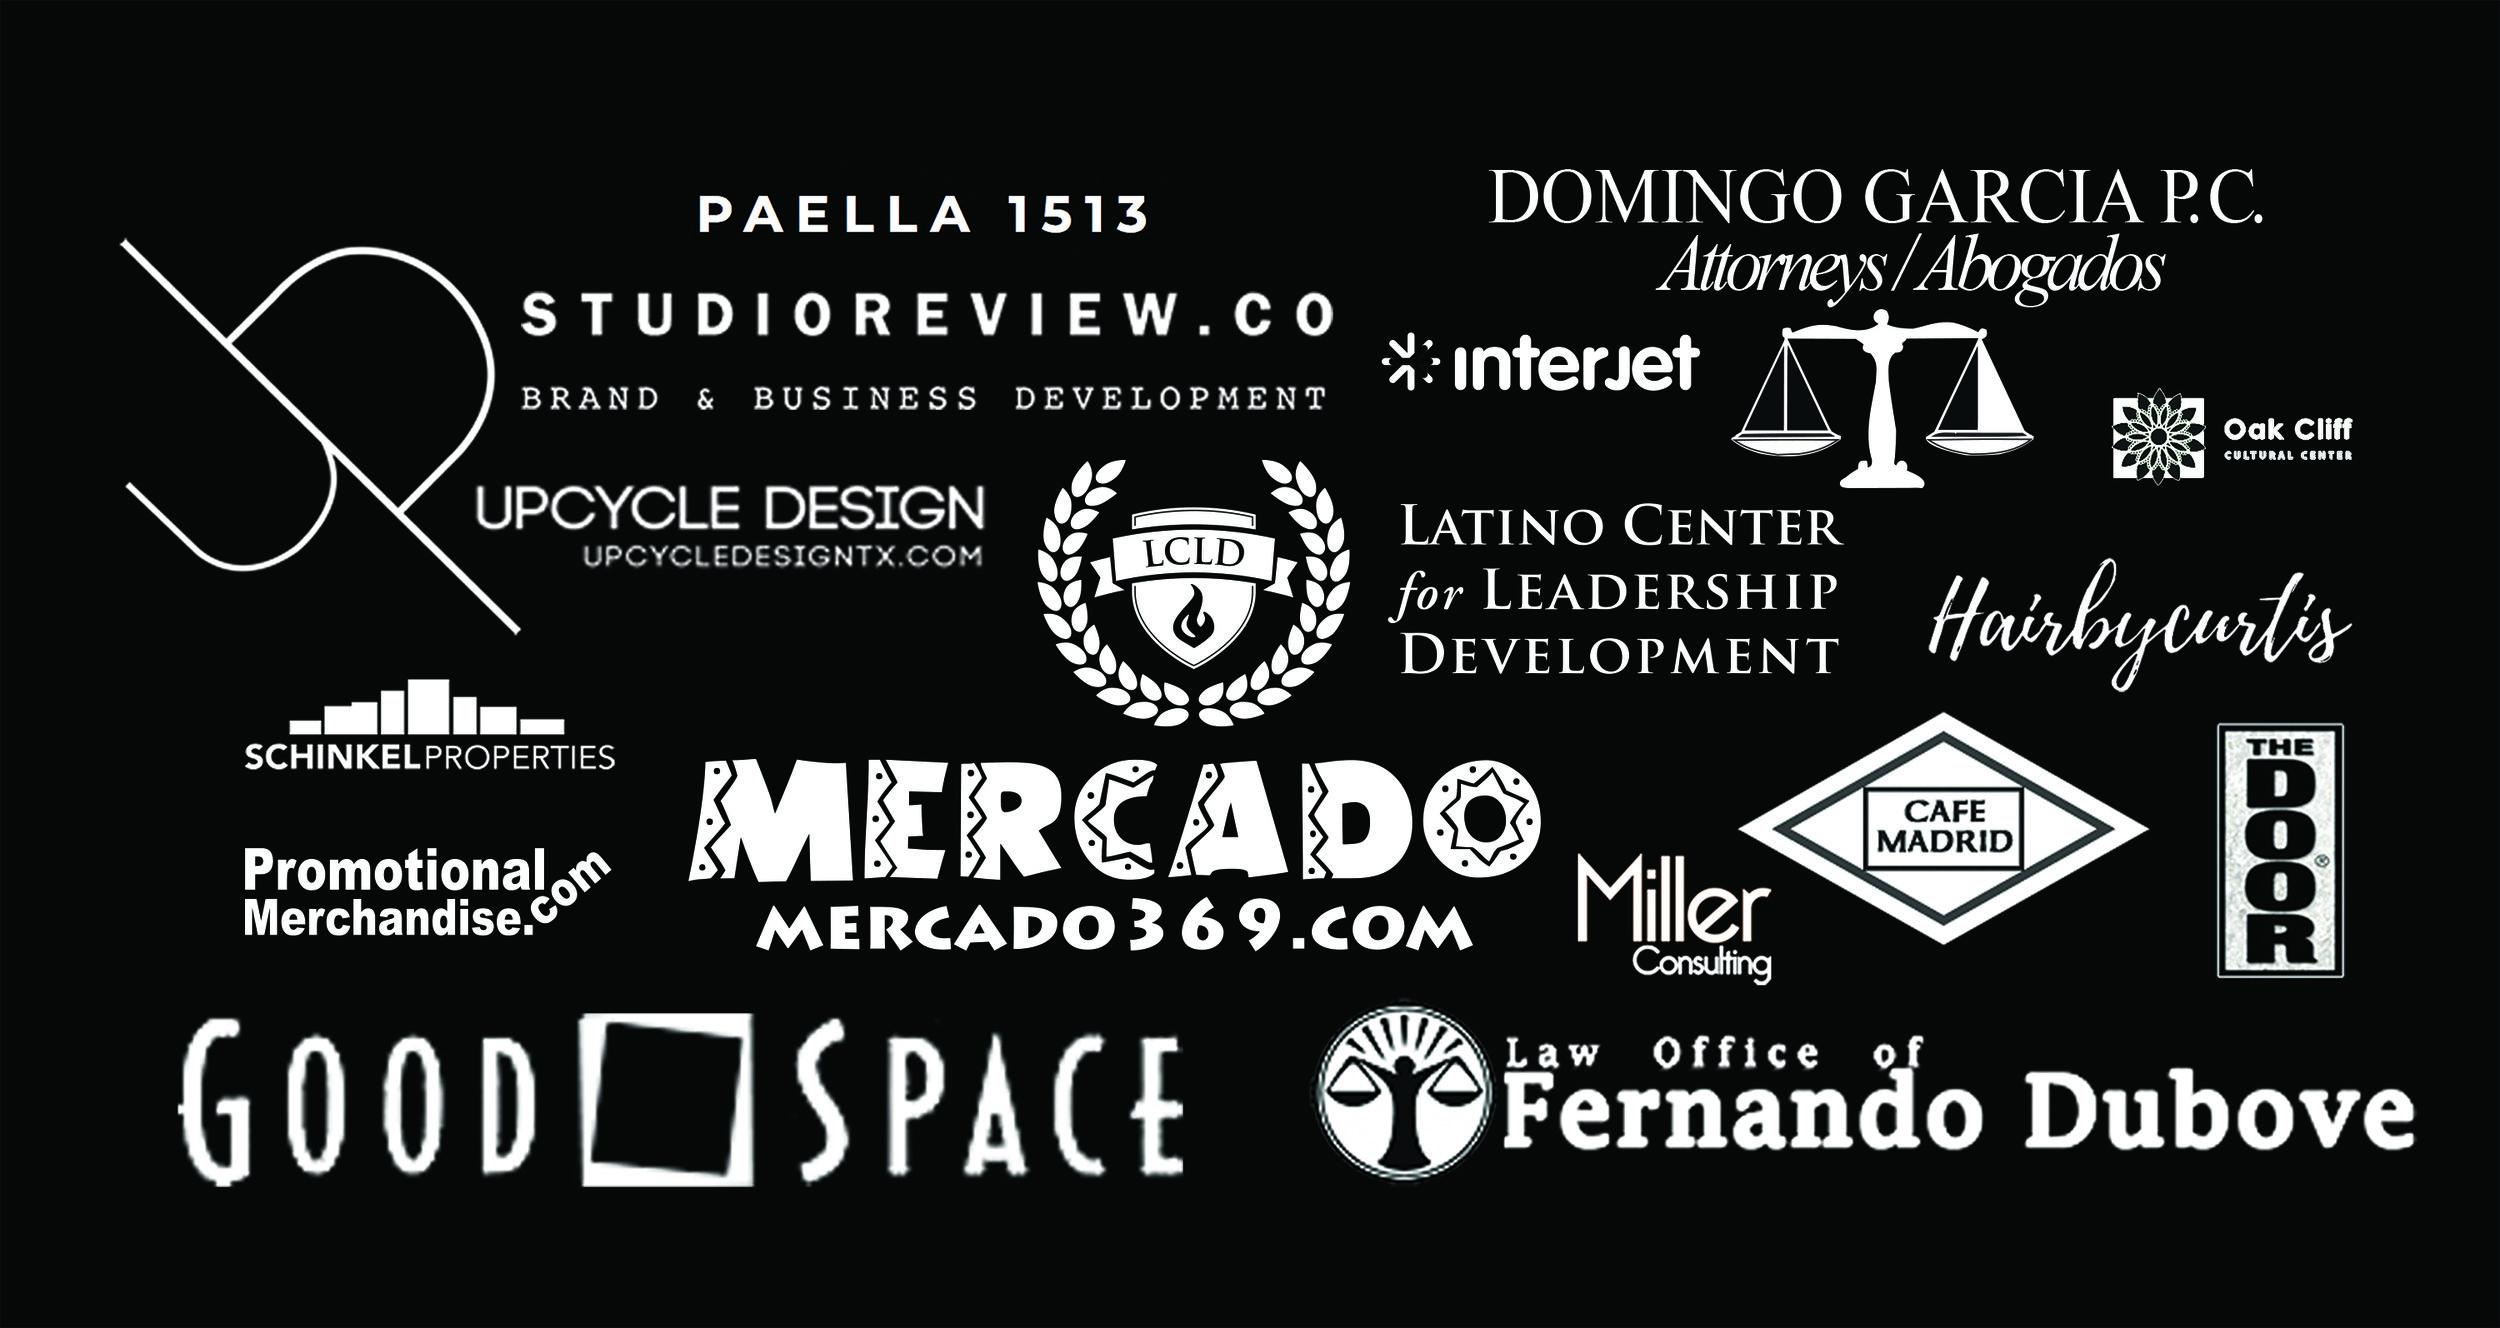 logos for web banner (1).jpg